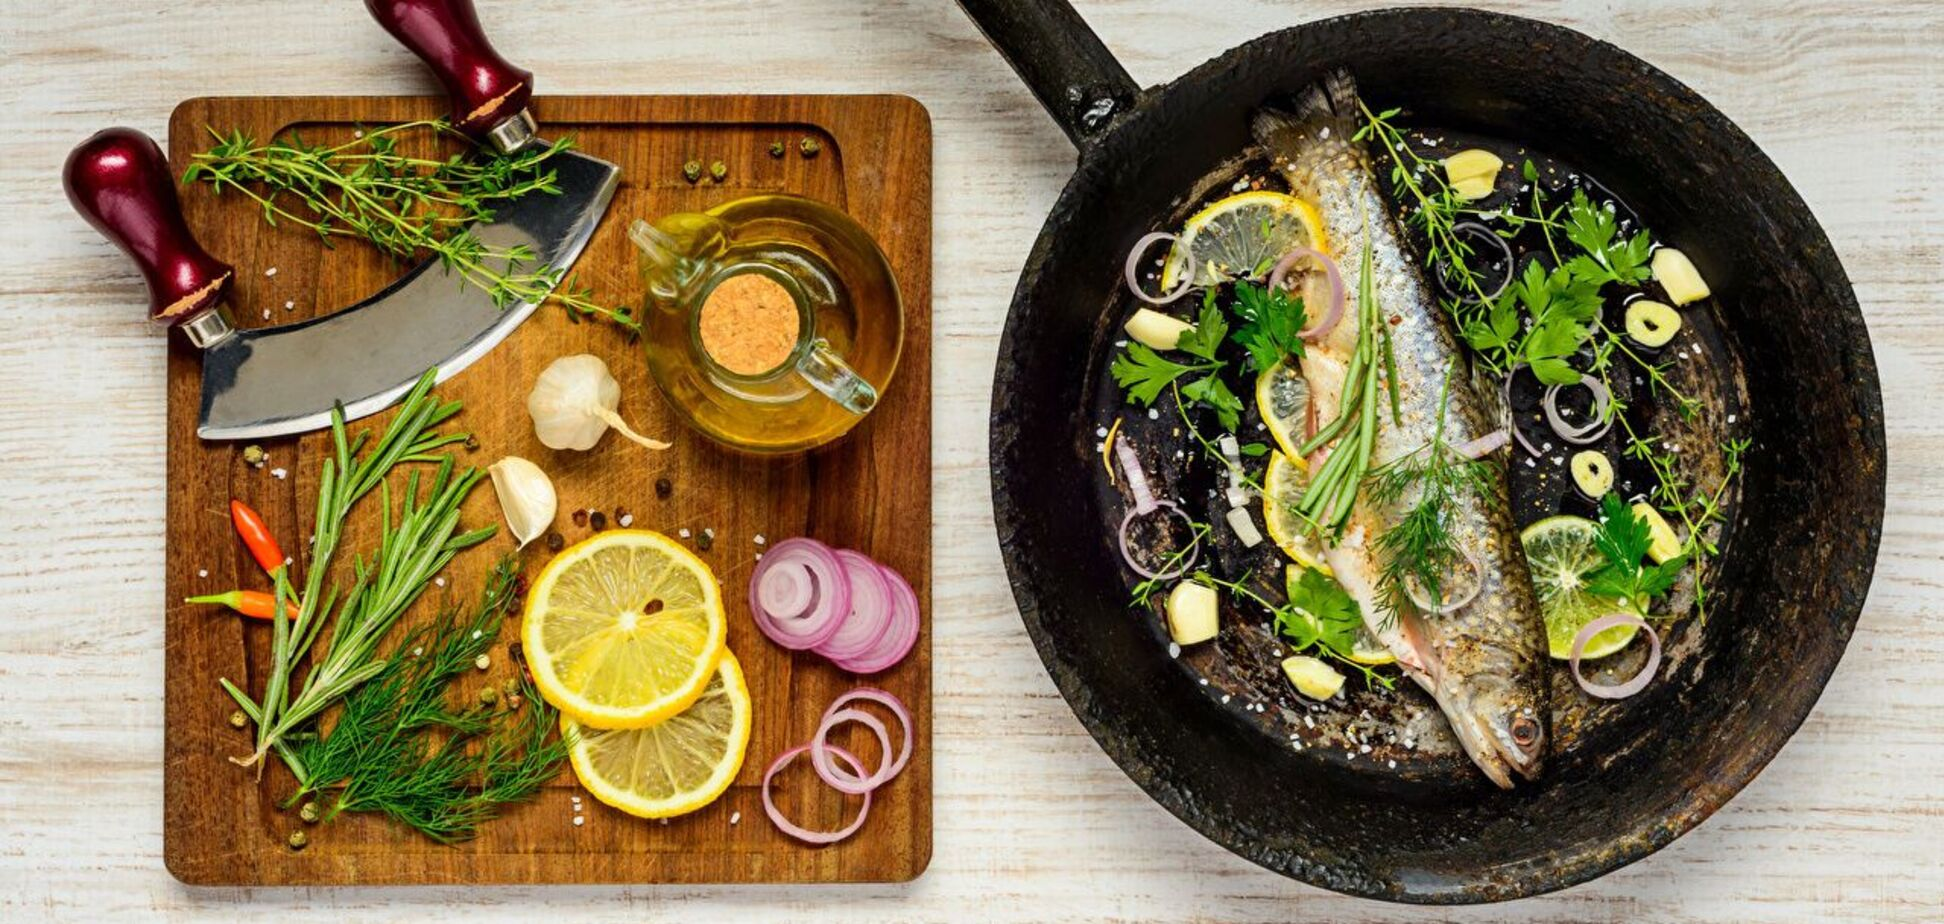 Как правильно готовить рыбу: 7 советов от шеф-поваров